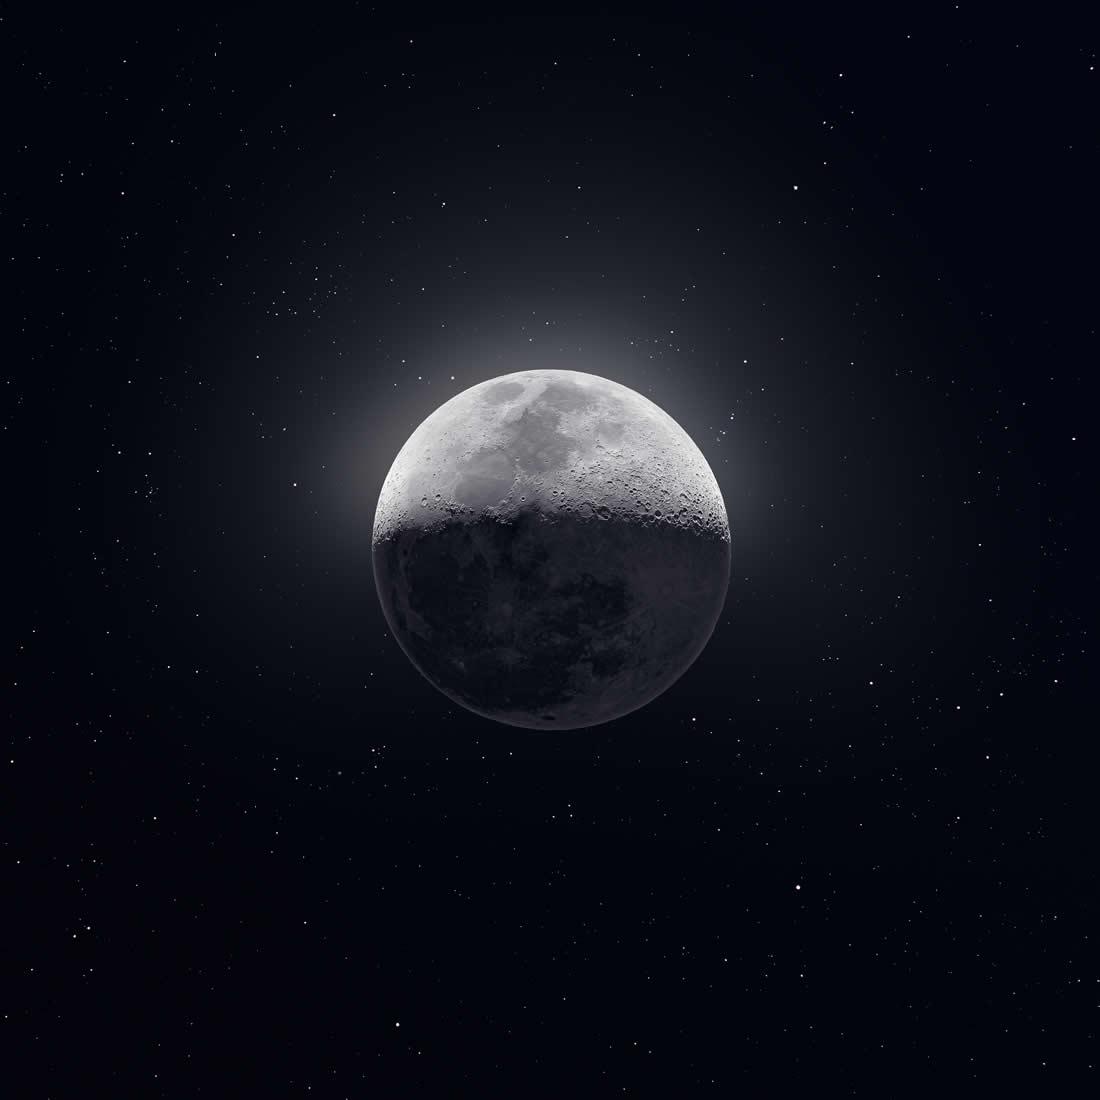 50 000 clichés pour une Photo de la Lune Magnifique 3